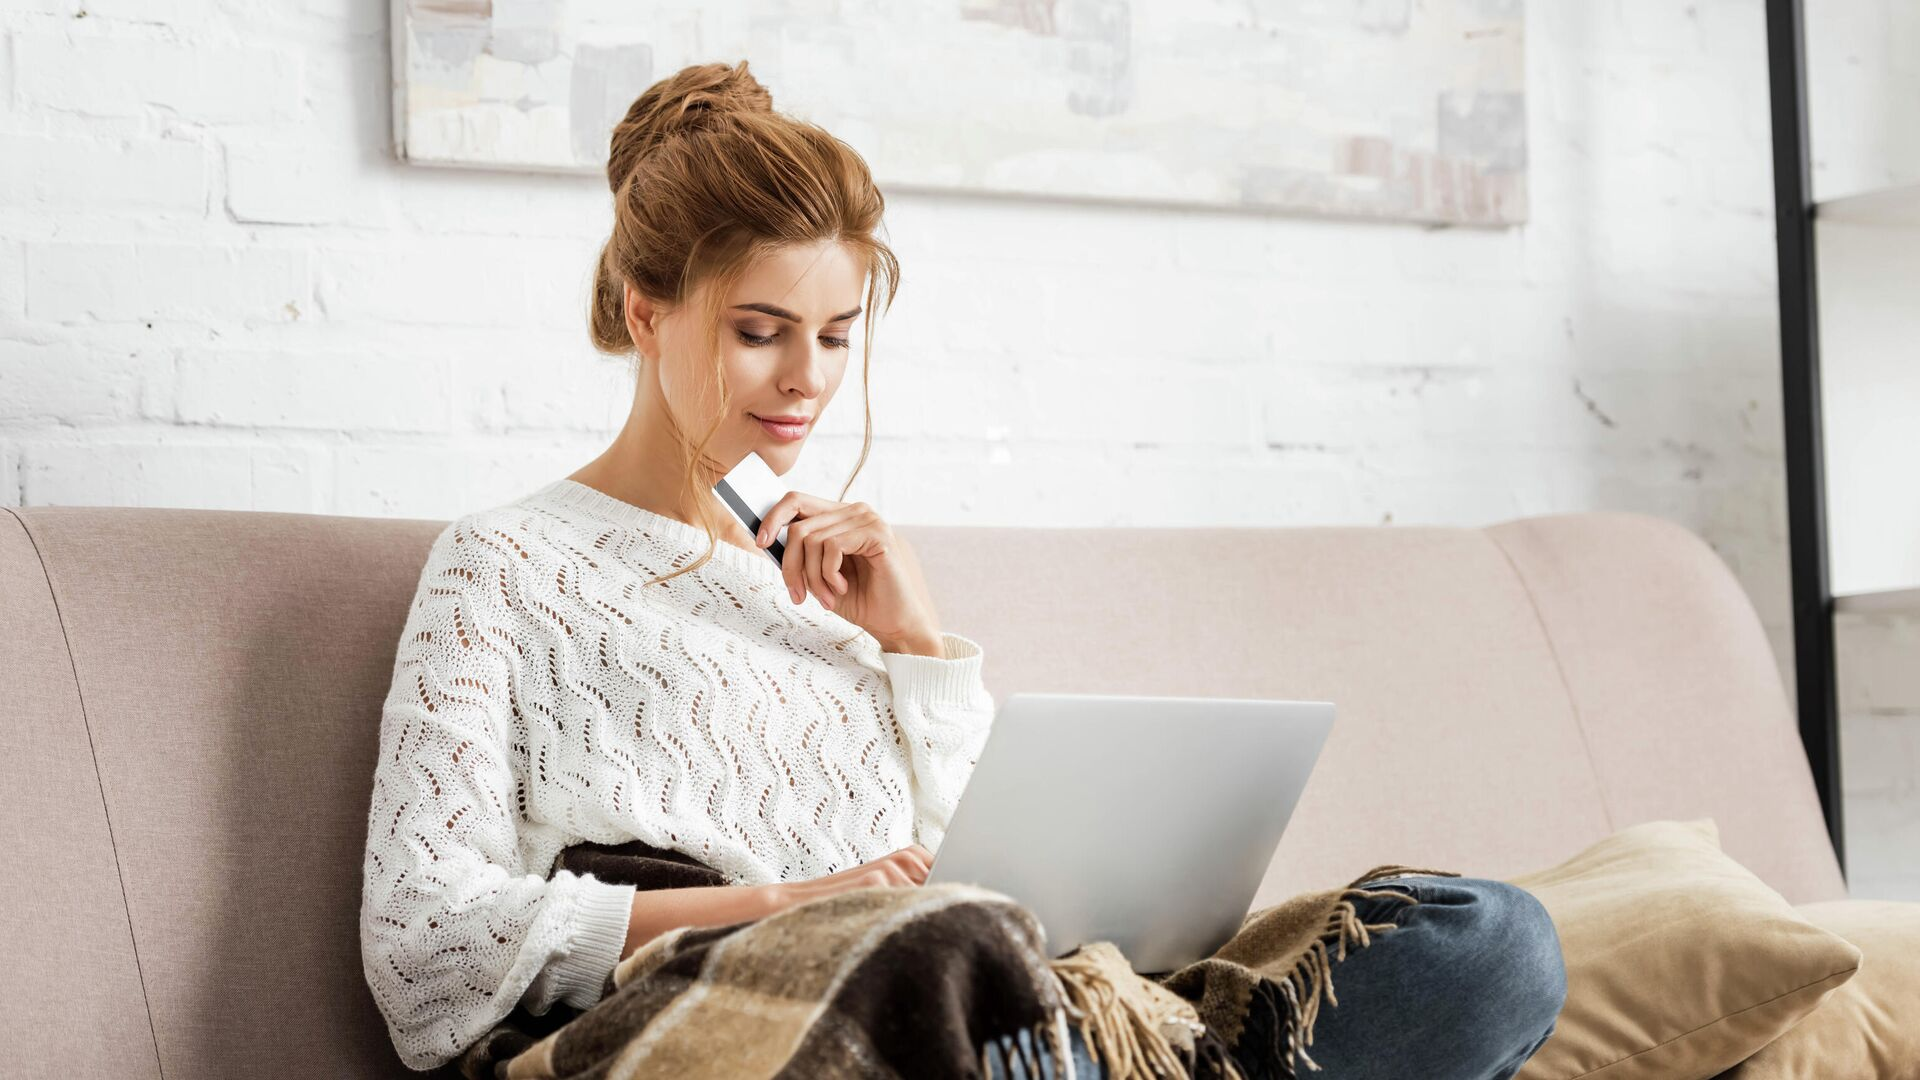 Девушка делает онлайн-покупки - РИА Новости, 1920, 04.02.2021